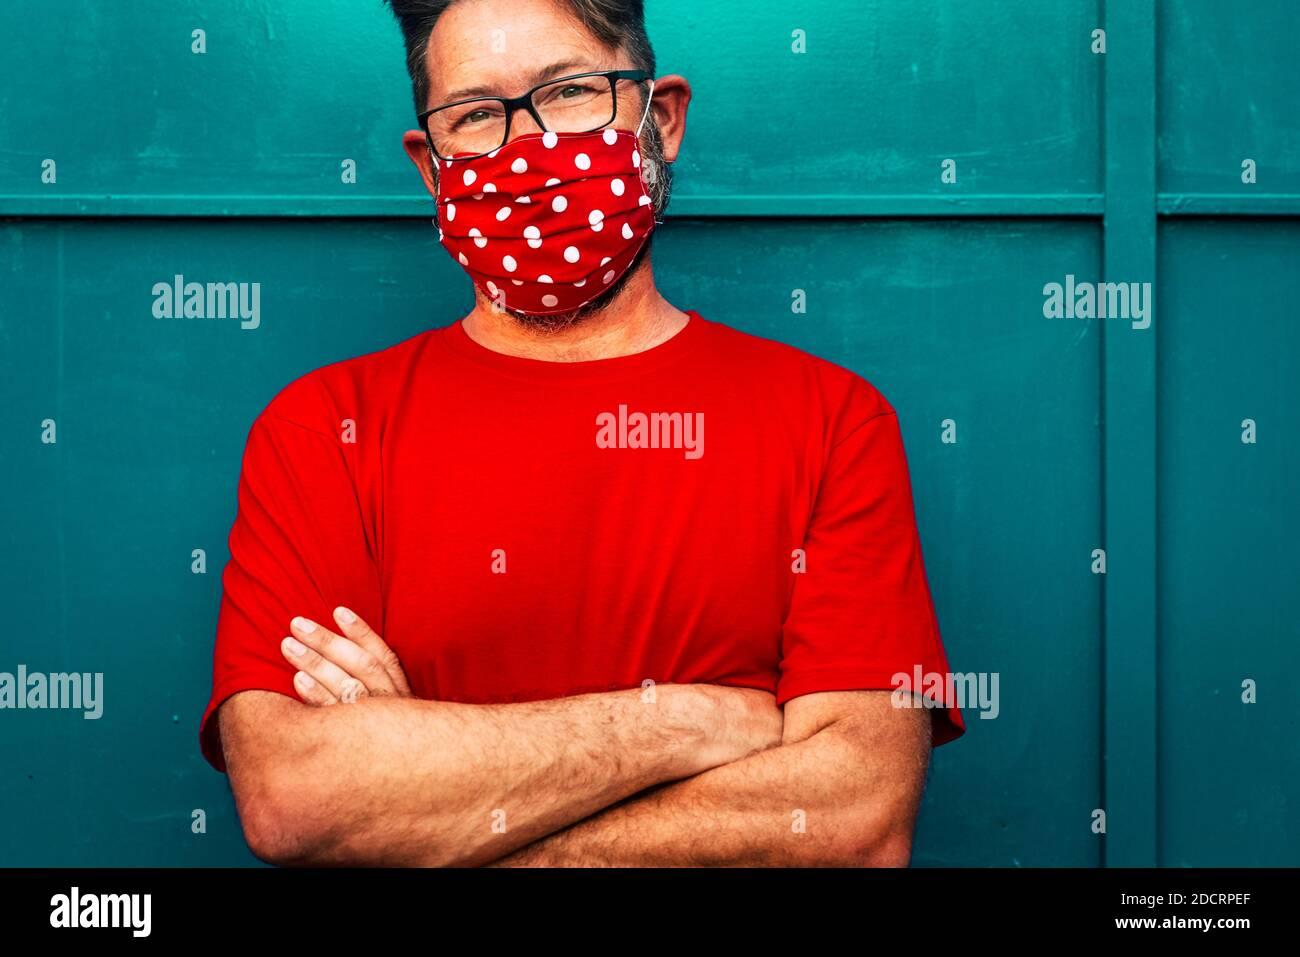 Beau adulte mature homme portrait portant masque de protection du visage pour coronavirus et virus covid-19 urgence - concept de personnes et épidémie de coronavi Banque D'Images